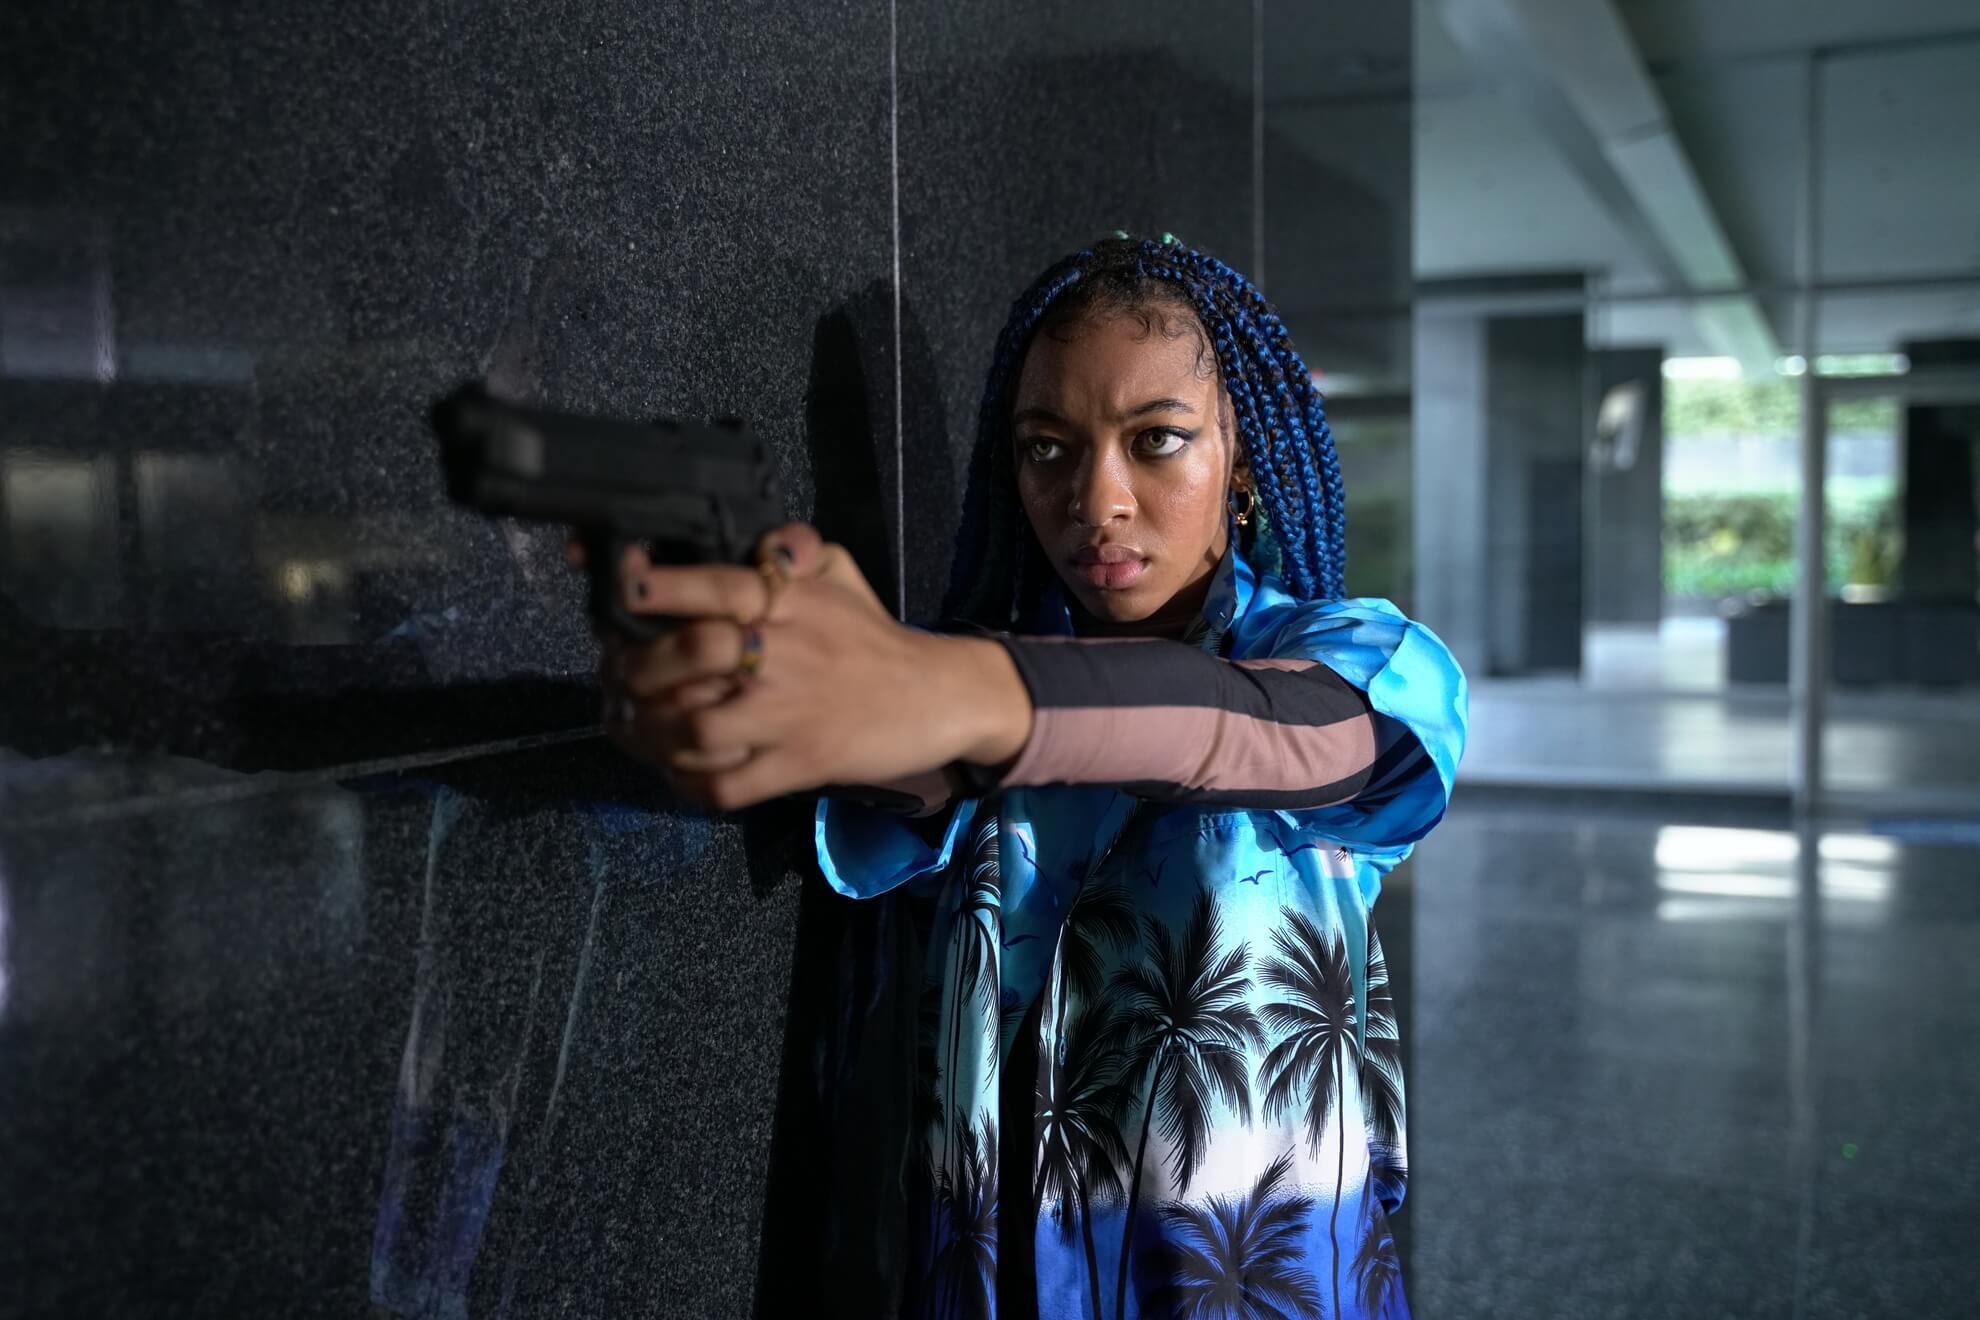 Zolee Griggs as Indigo in Archenemy